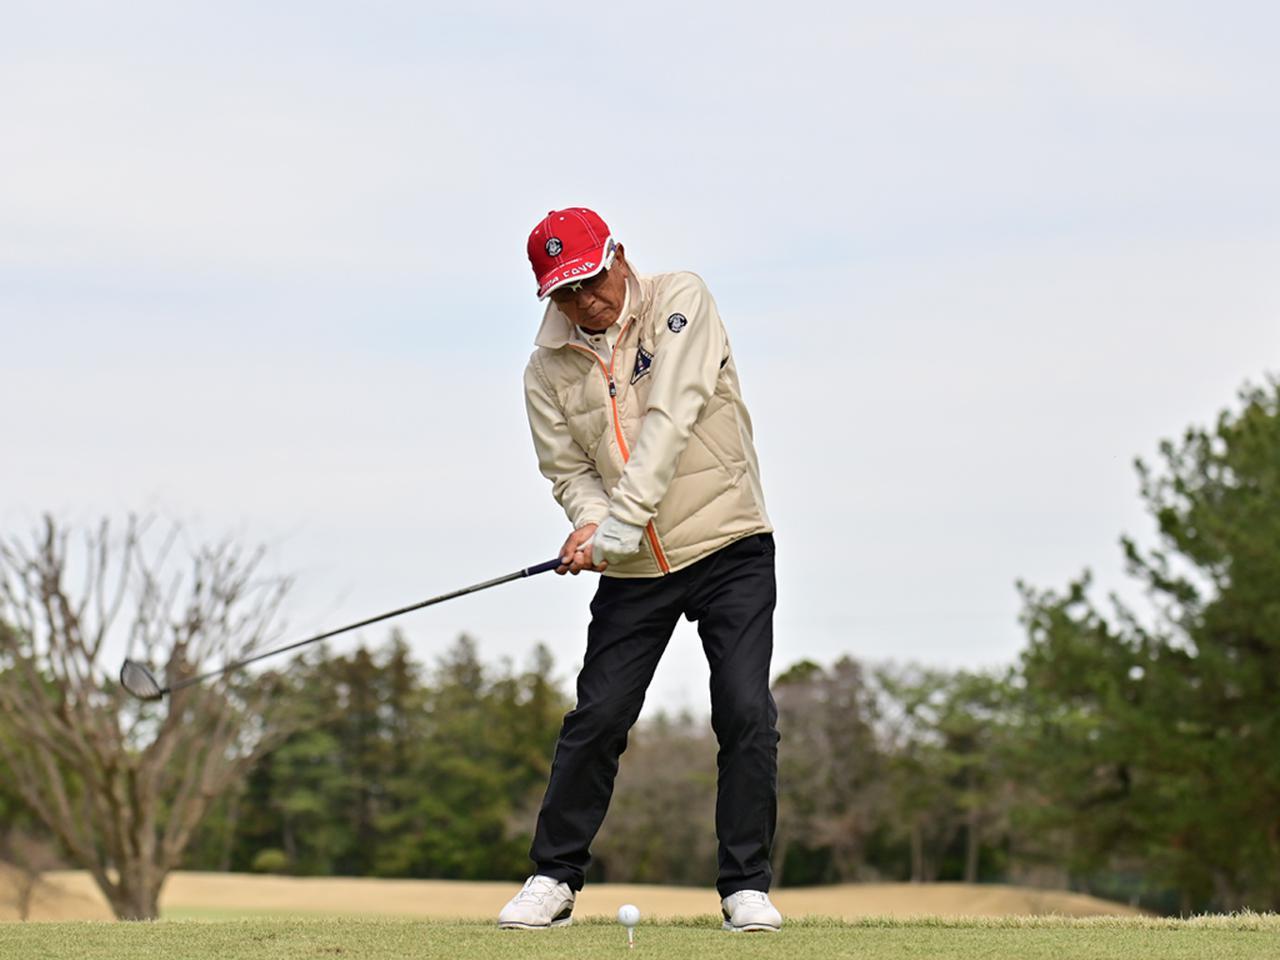 画像7: 【ティショット】真っすぐ打とうとするからミスがなくならない! ゴルフは曲げるが勝ち!